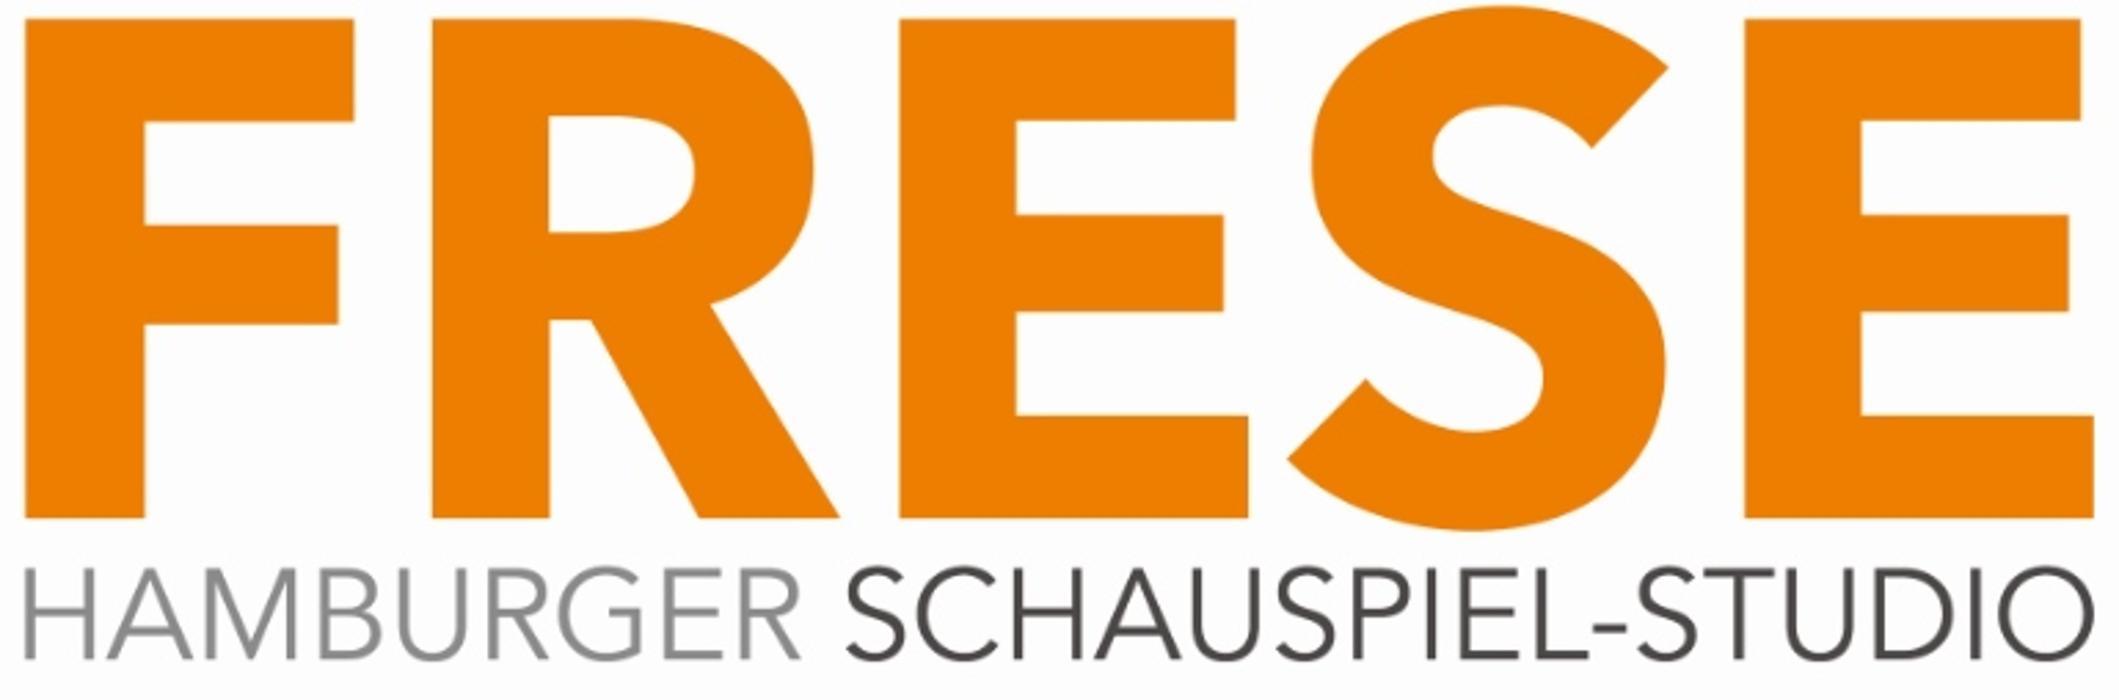 Bild zu Hamburger Schauspiel-Studio Frese, Schauspielschule in Hamburg